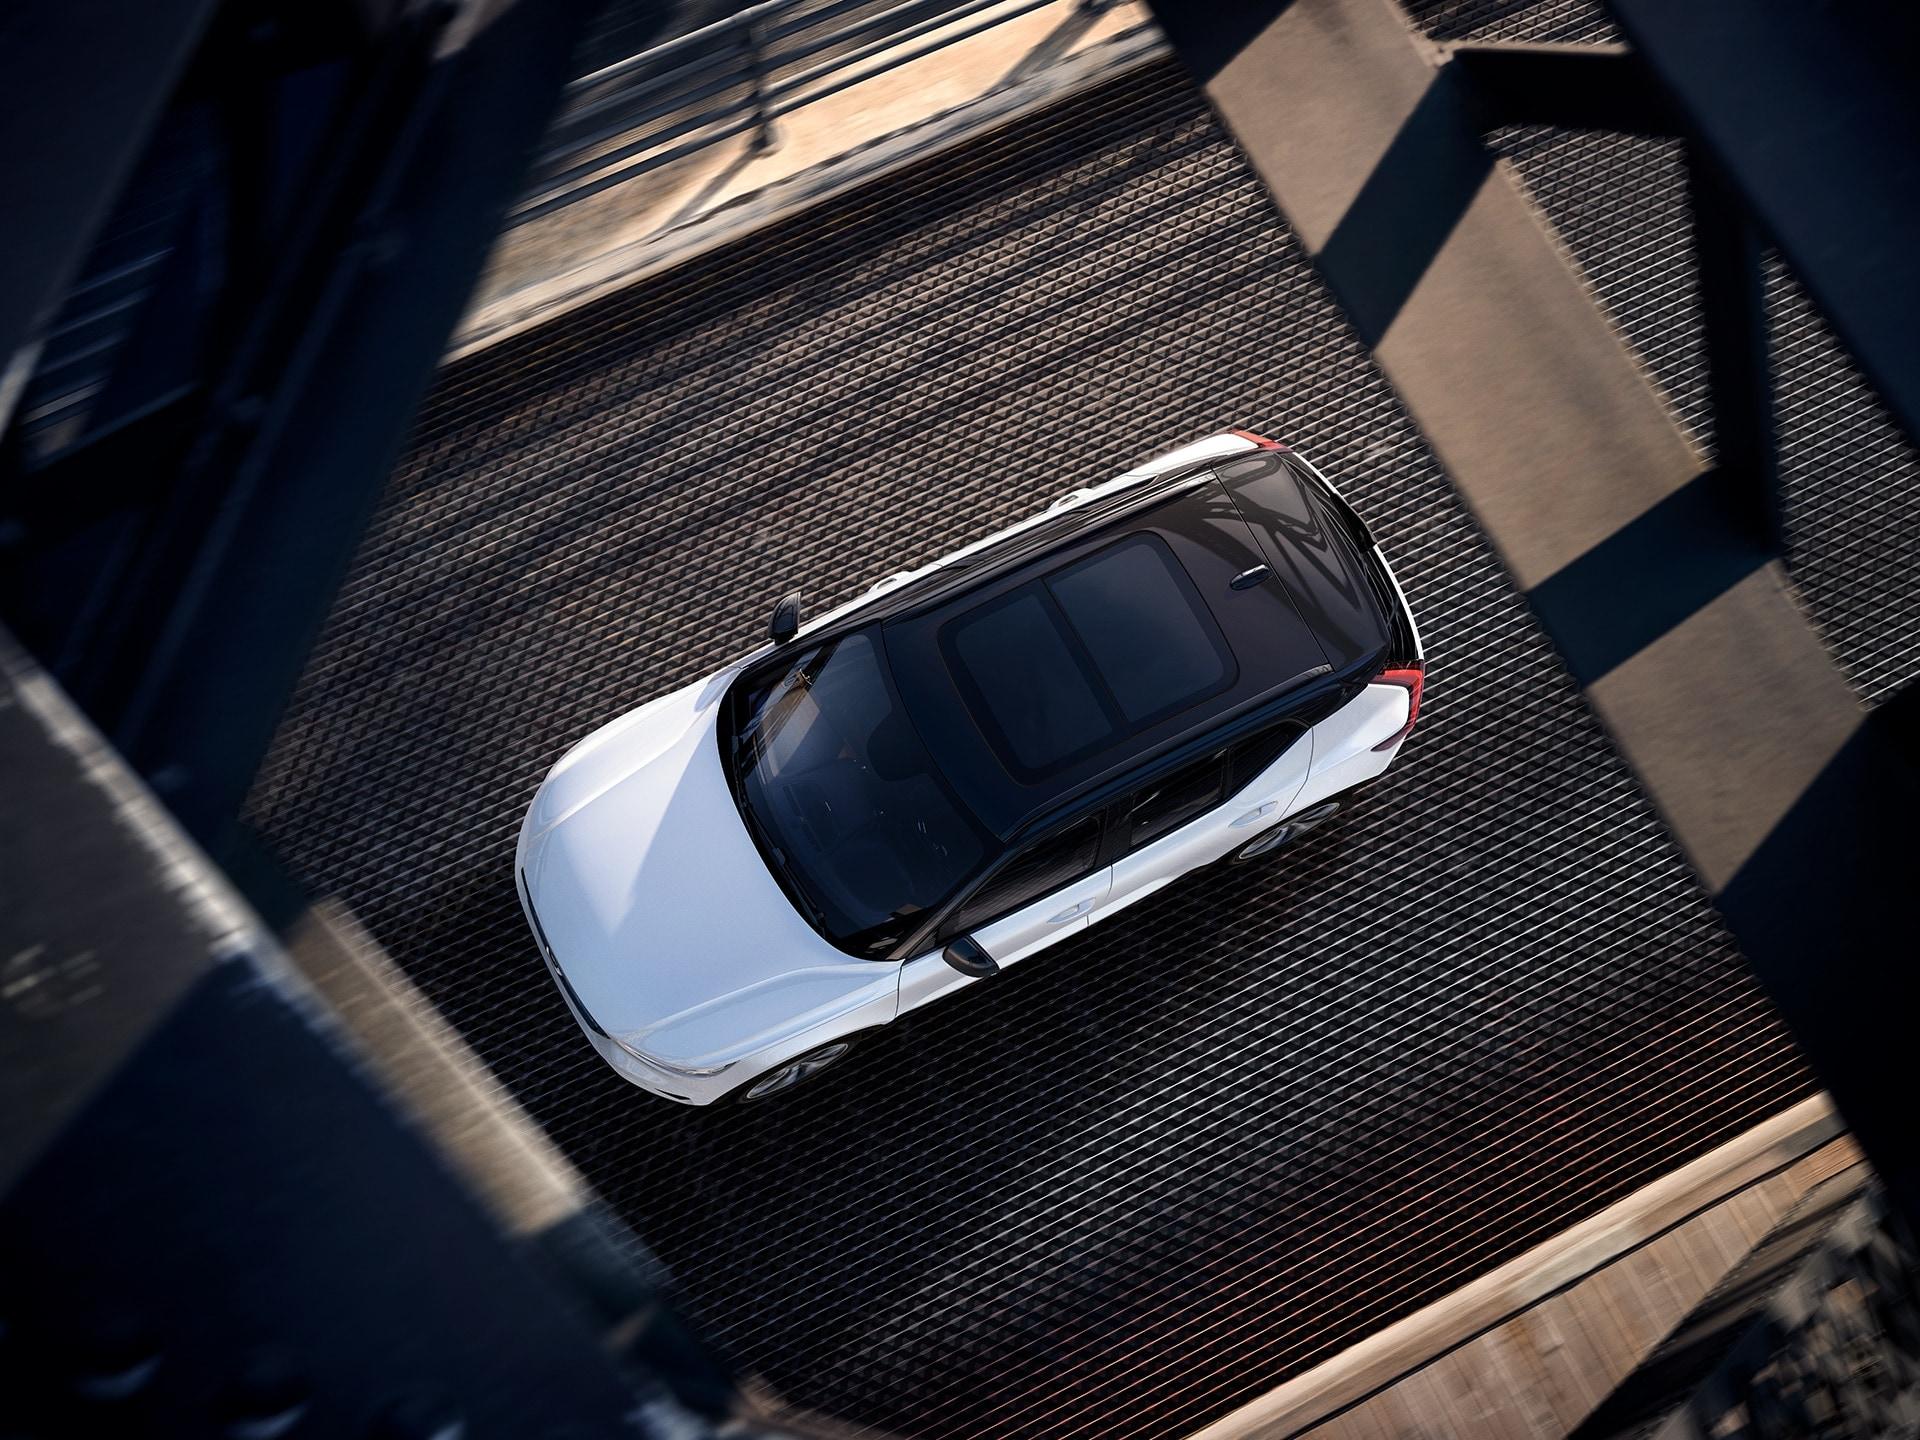 سقف بانورامي قابل للفتح والإمالة في فولفو XC40 Recharge بيضاء معروضة من أعلى.